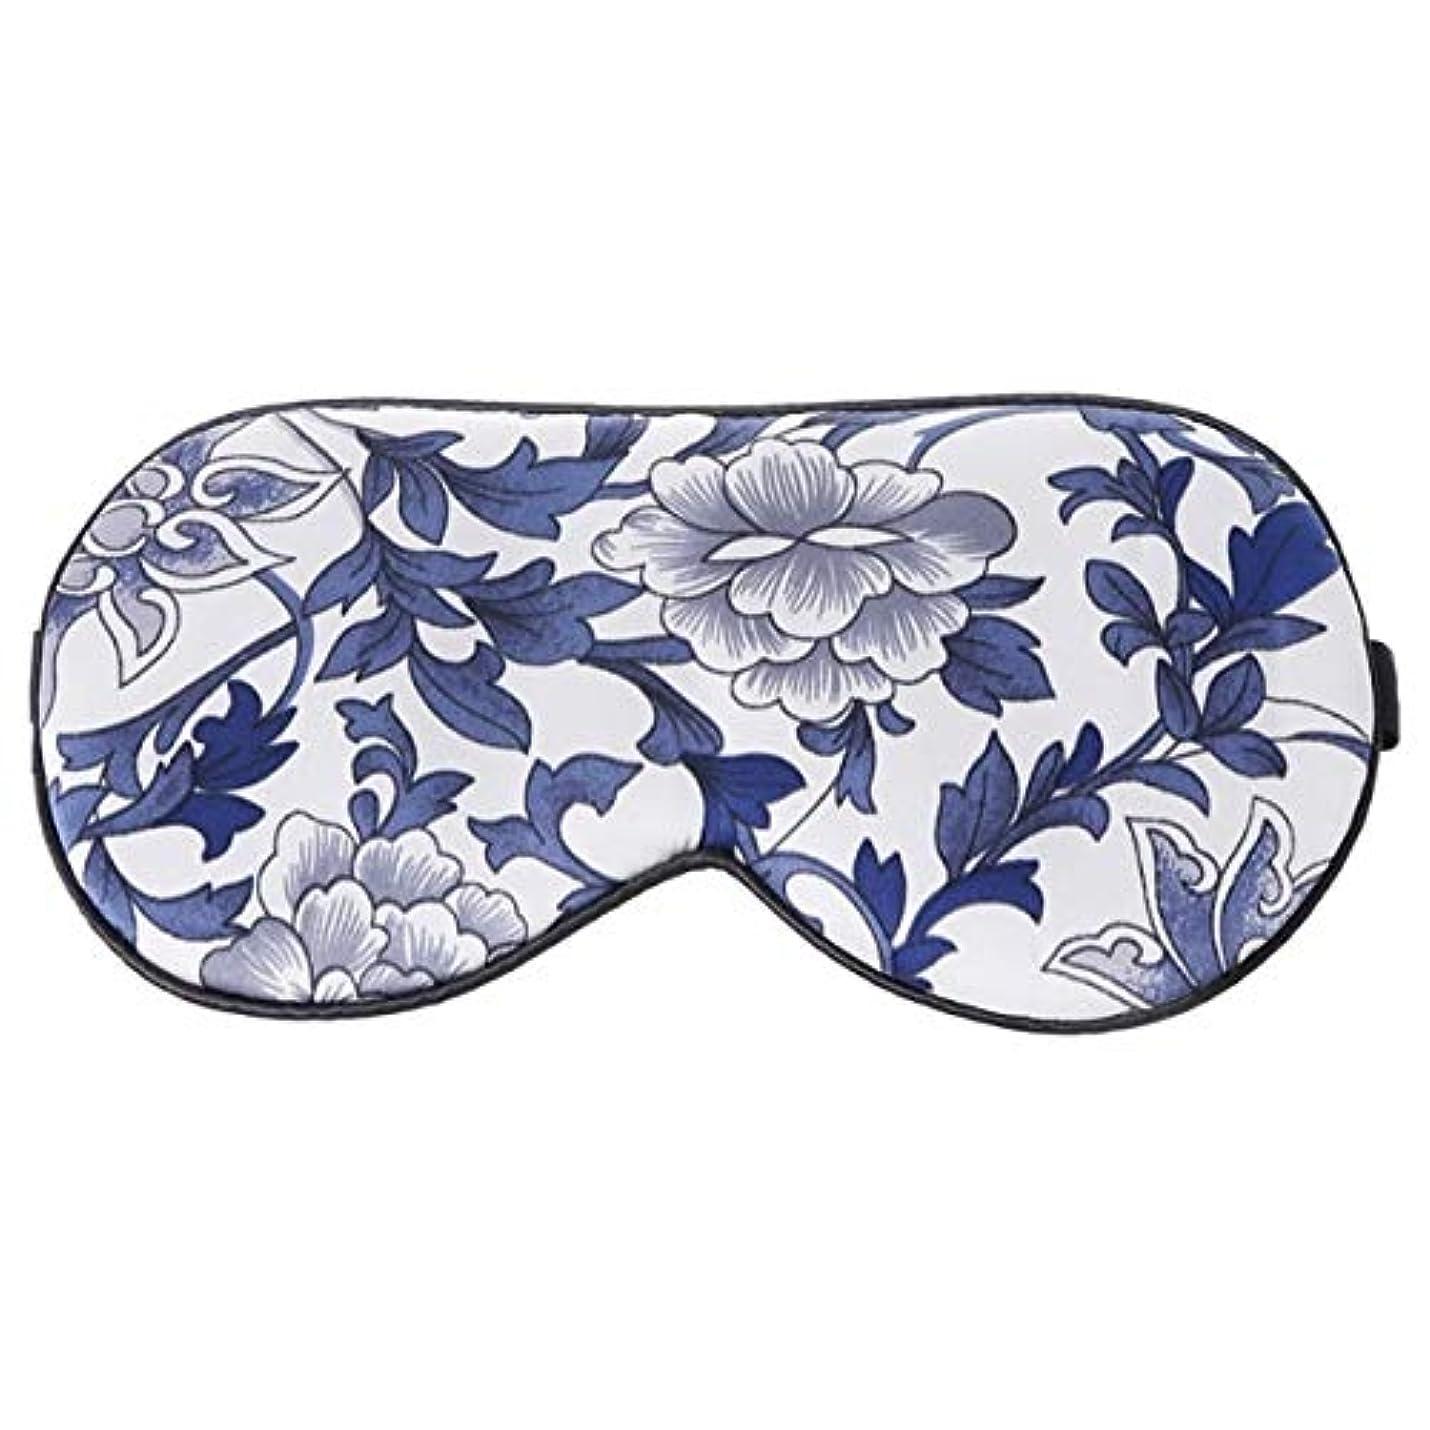 友だち助けて聖歌NOTE 新しいファッションシルクソフトスリープアイマスク花柄睡眠旅行アイウェアマスク包帯1ピース